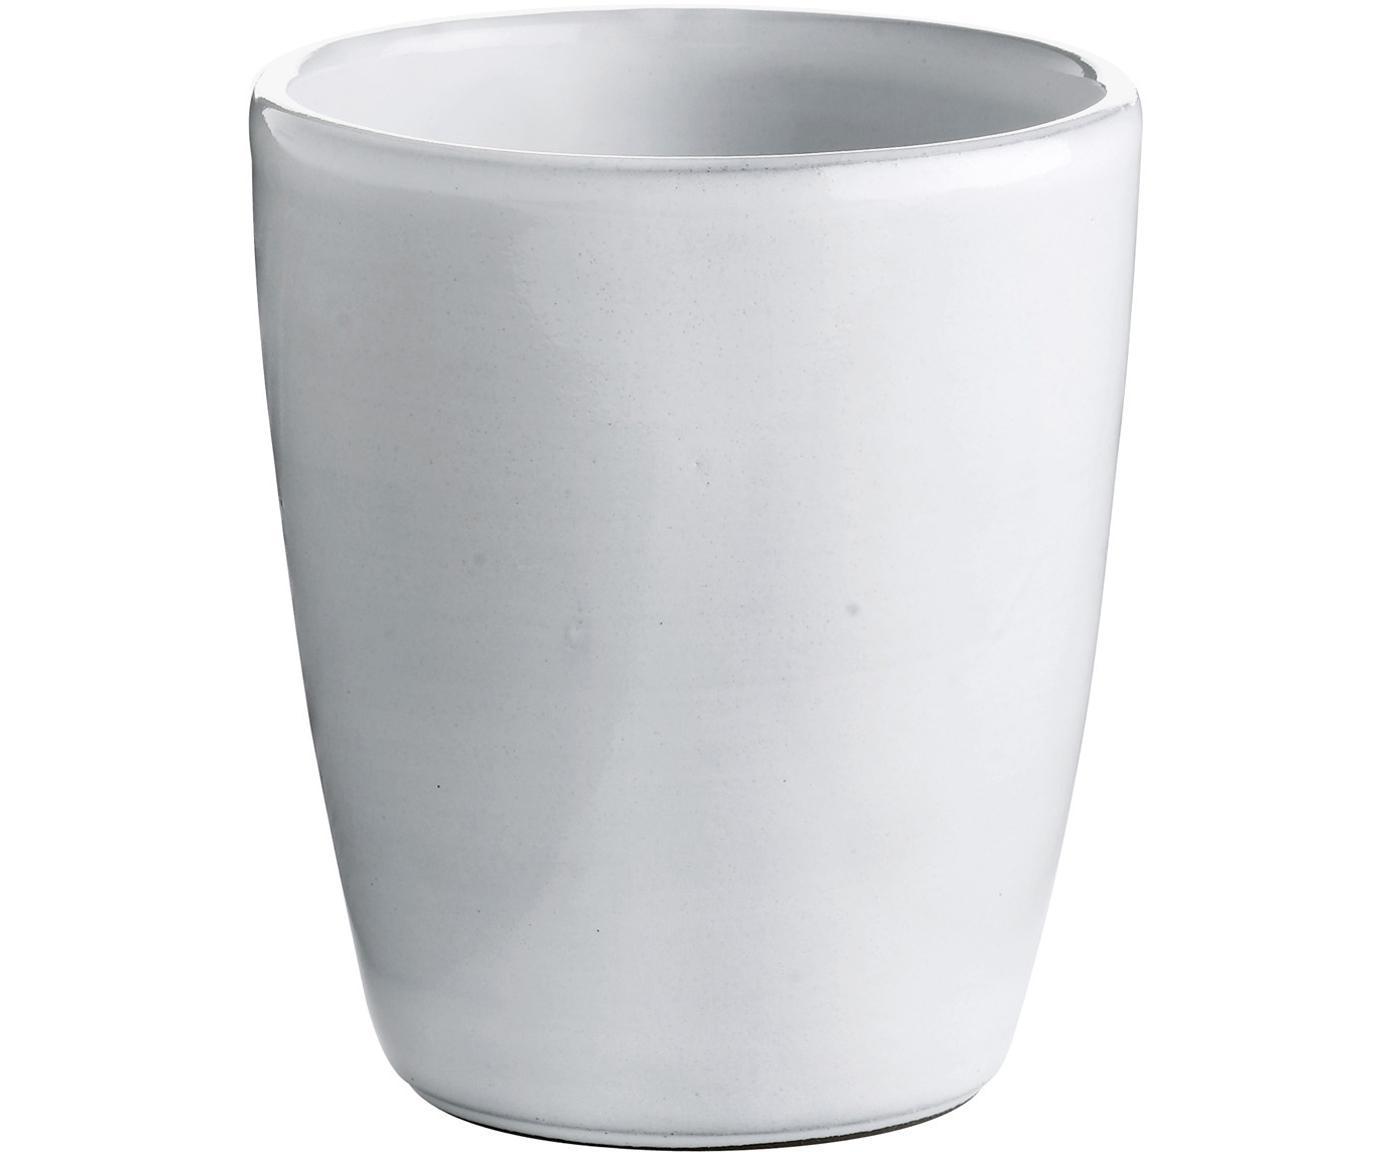 Tazas Haze, 2uds., Cerámica, esmaltada, Blanco, gris, Ø 10 x Al 11 cm